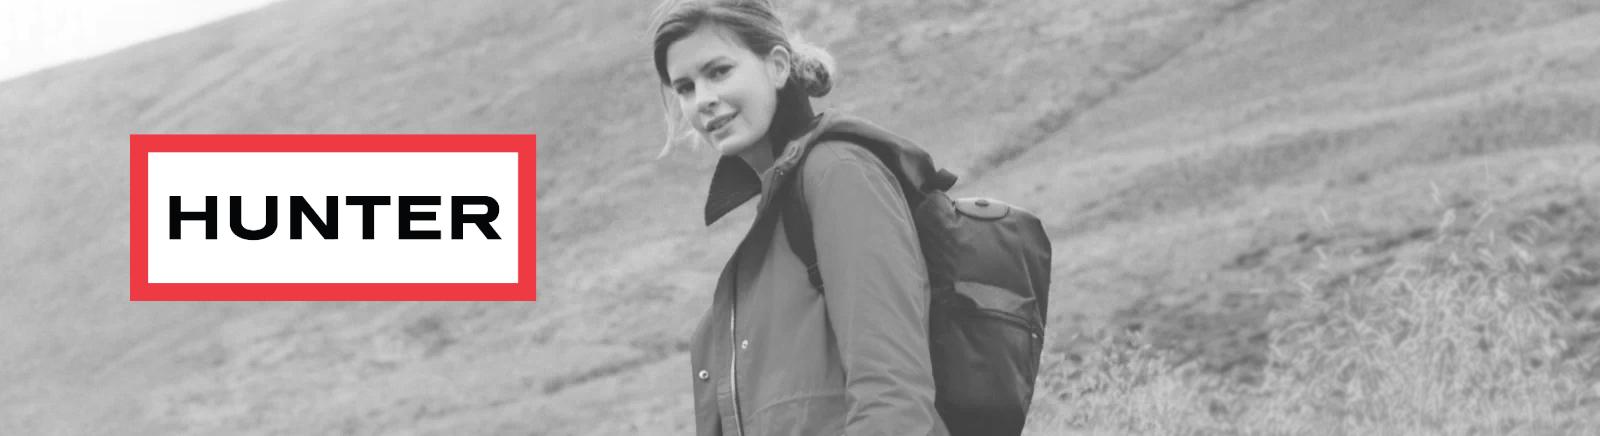 Prange: HUNTER Gummistiefel für Damen online shoppen